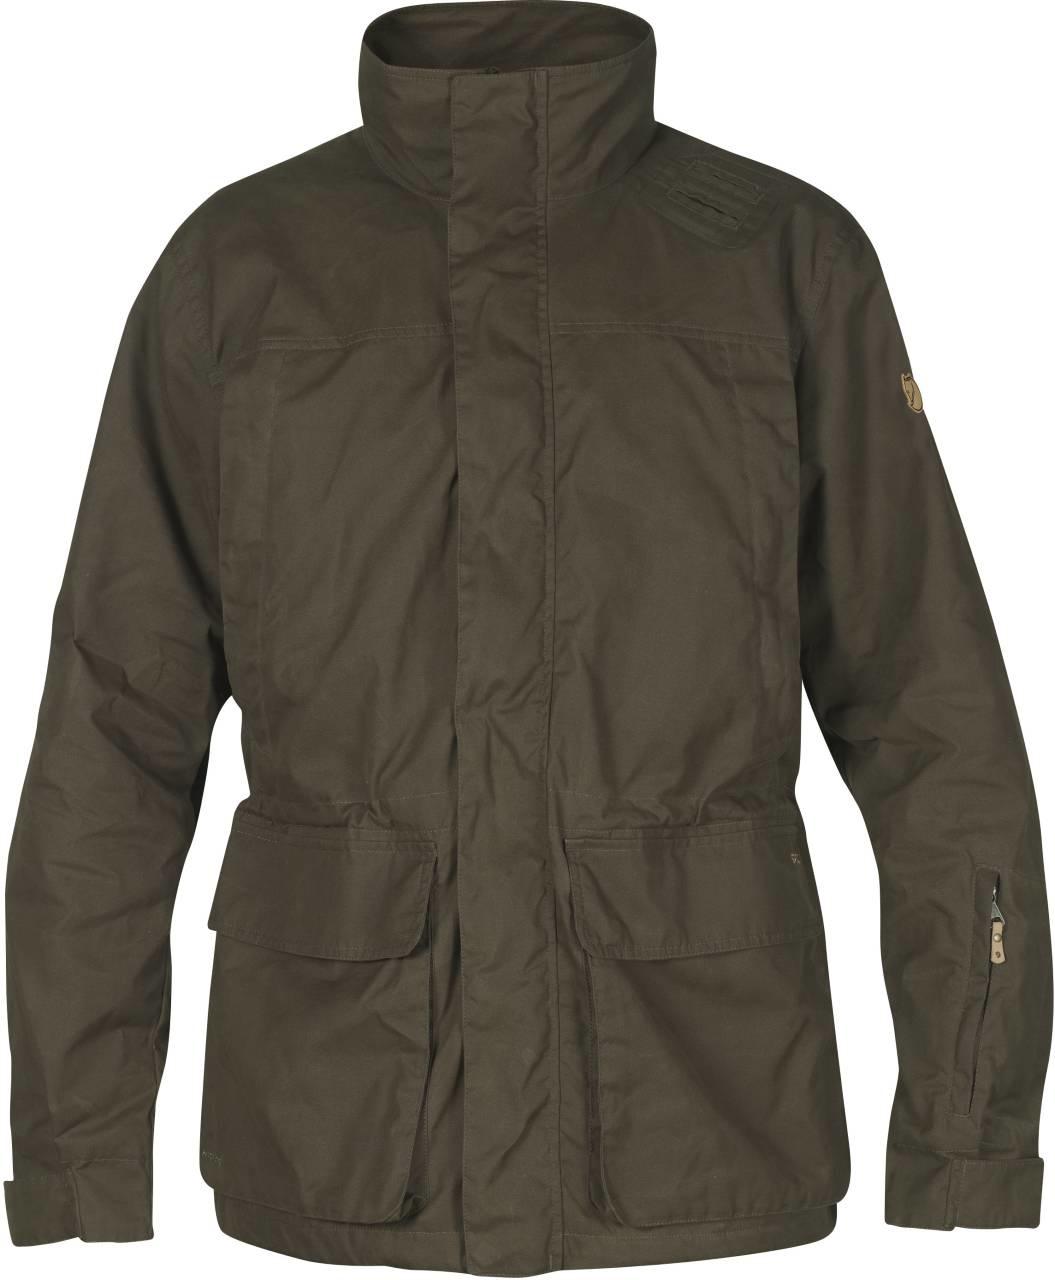 Fjällräven Brenner Pro Jacket M Dark Olive-1